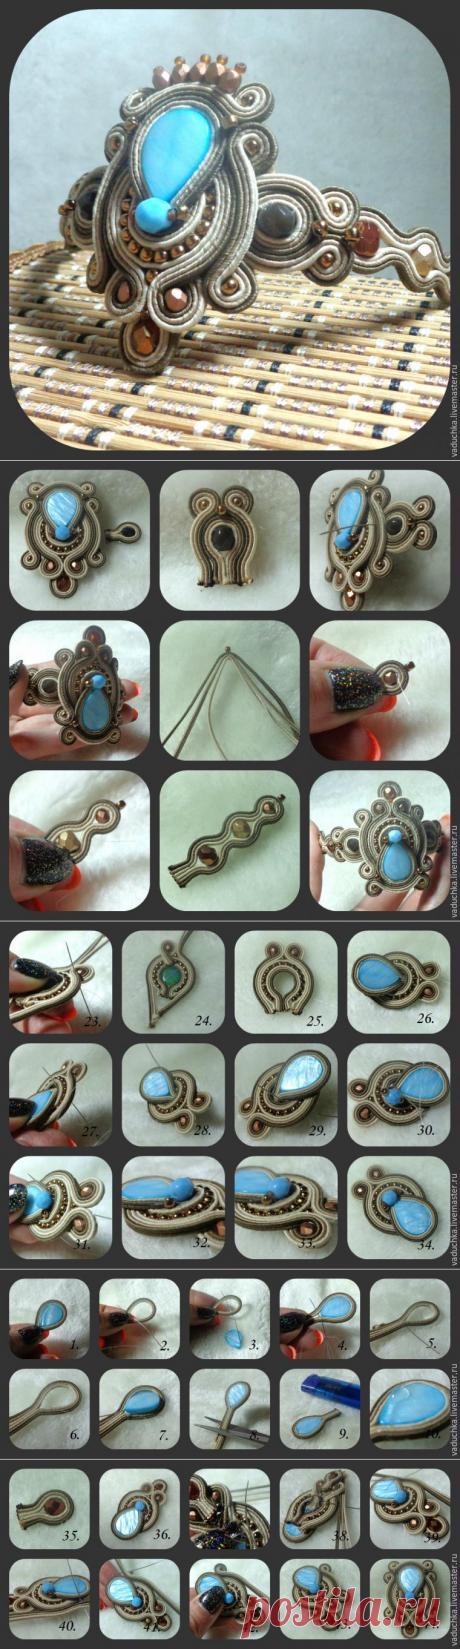 Создаем сутажный браслет с голубым перламутром - Ярмарка Мастеров - ручная работа, handmade